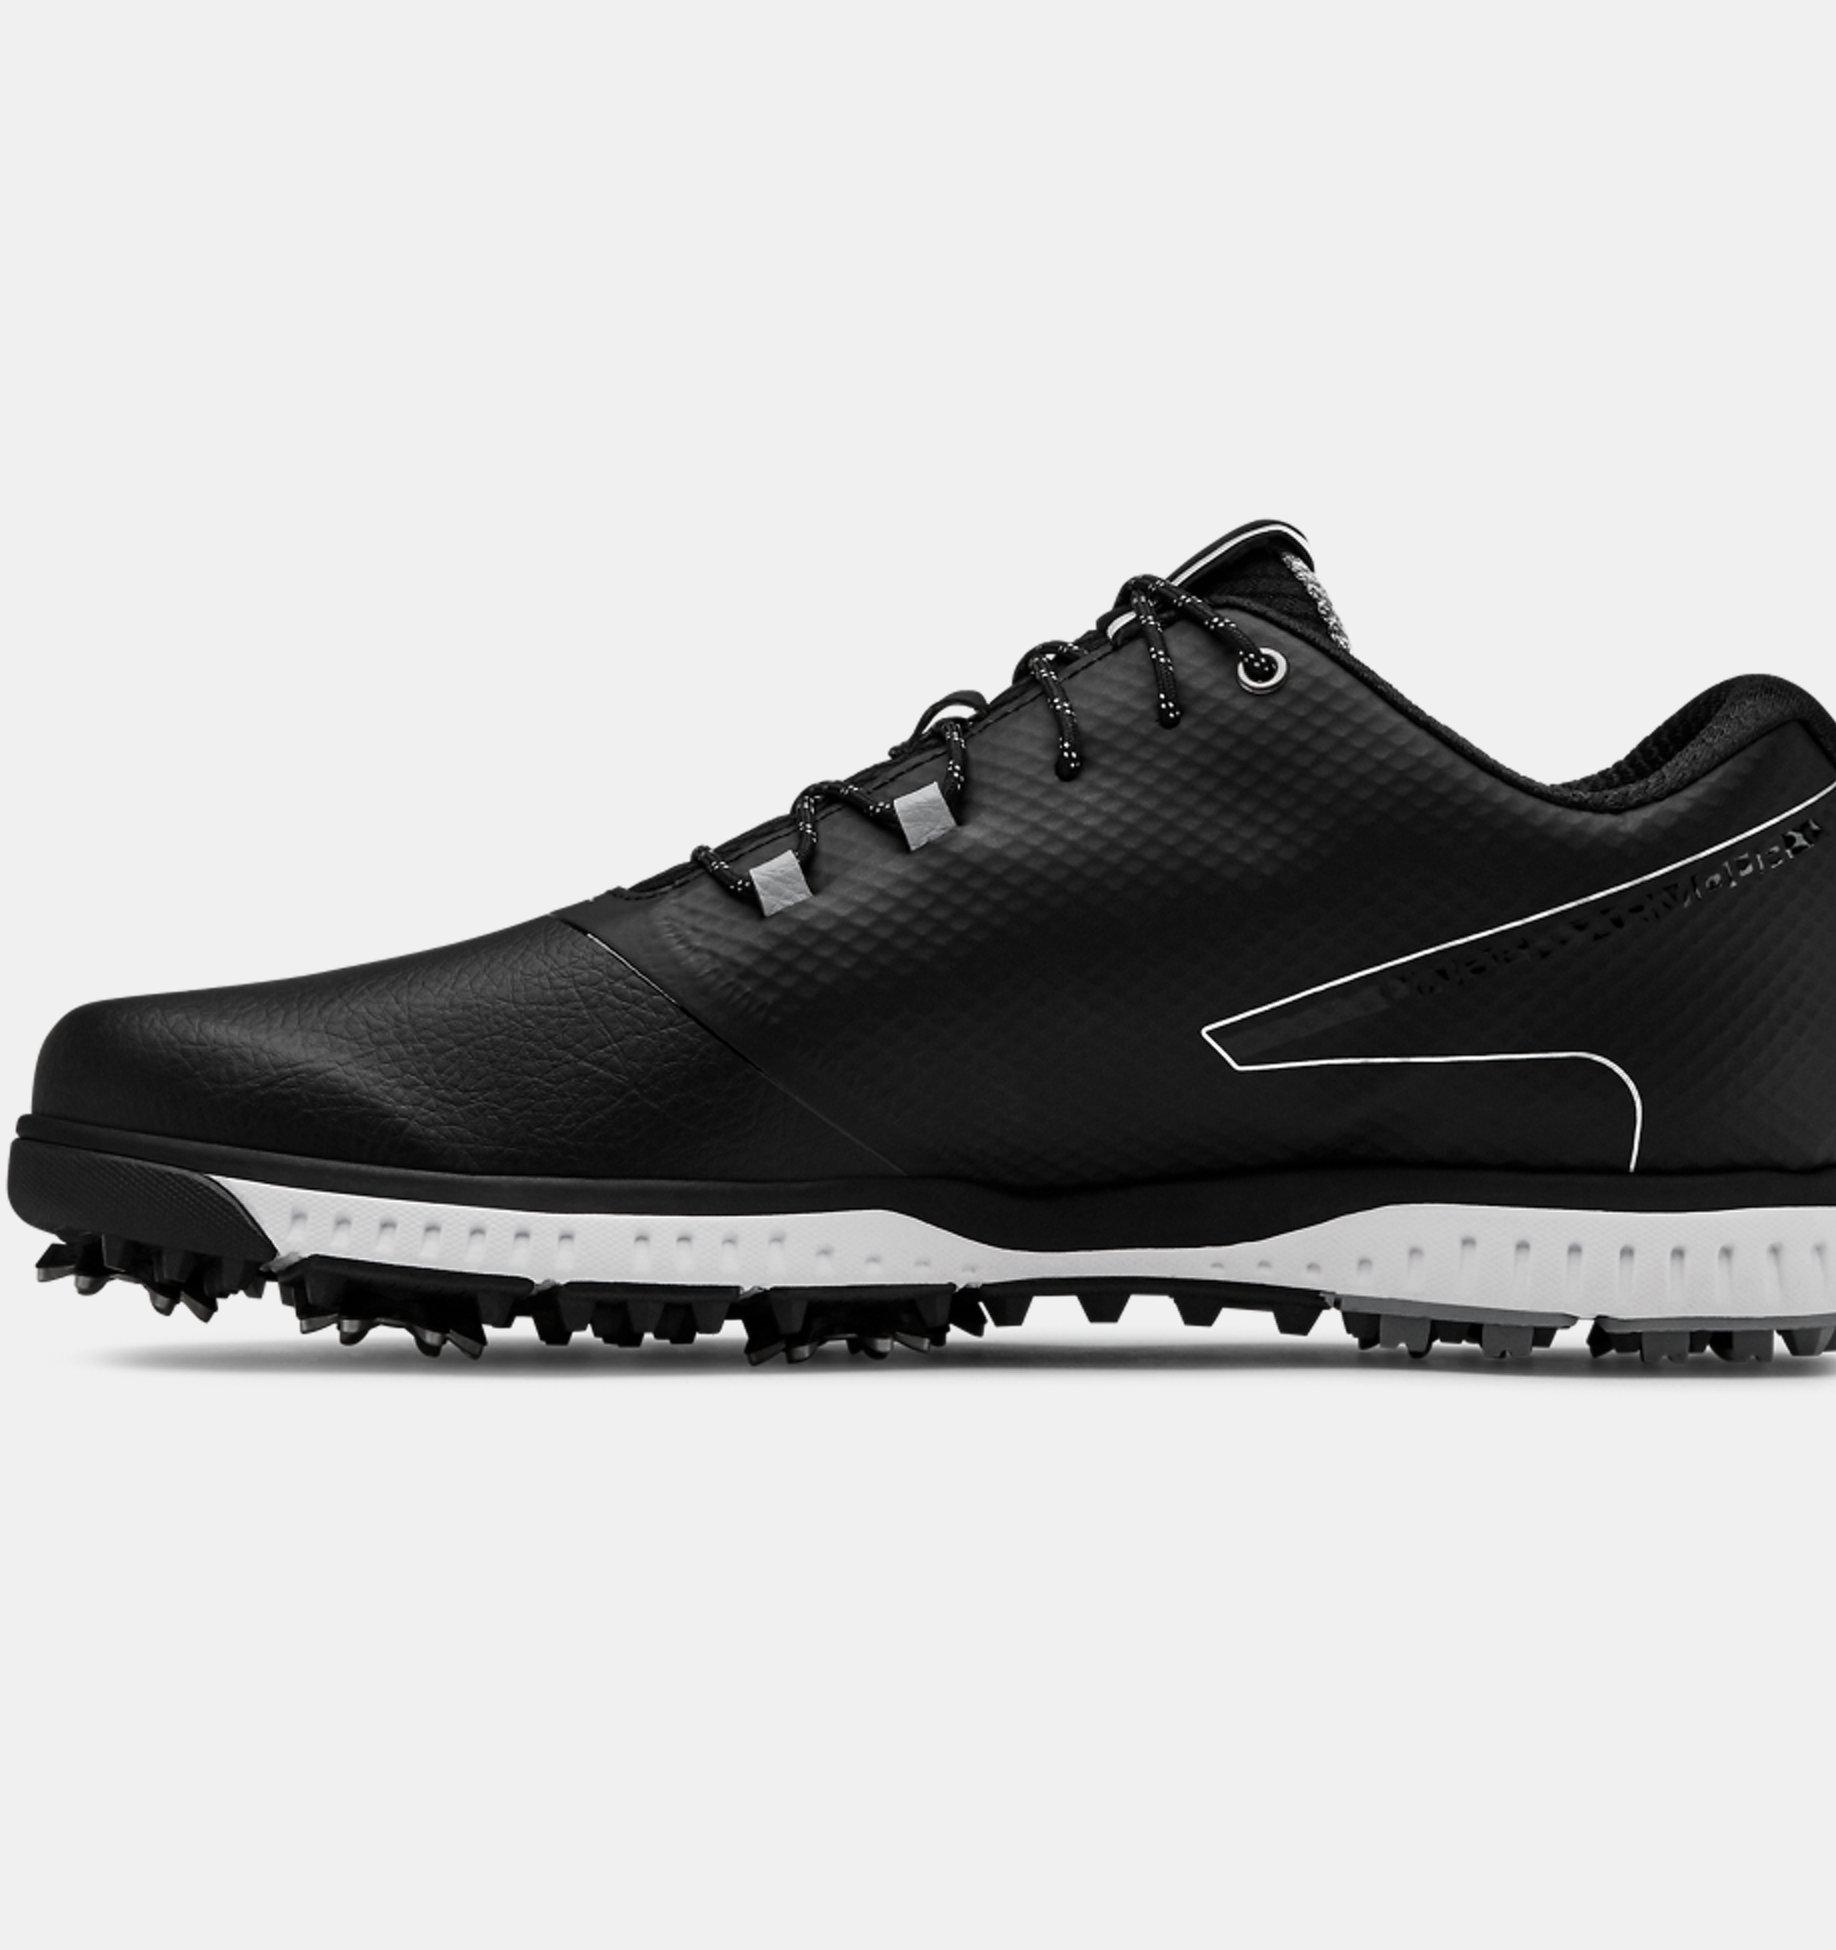 02babdef6 Men's UA Fade RST 2 Wide E Golf Shoes | Under Armour IE